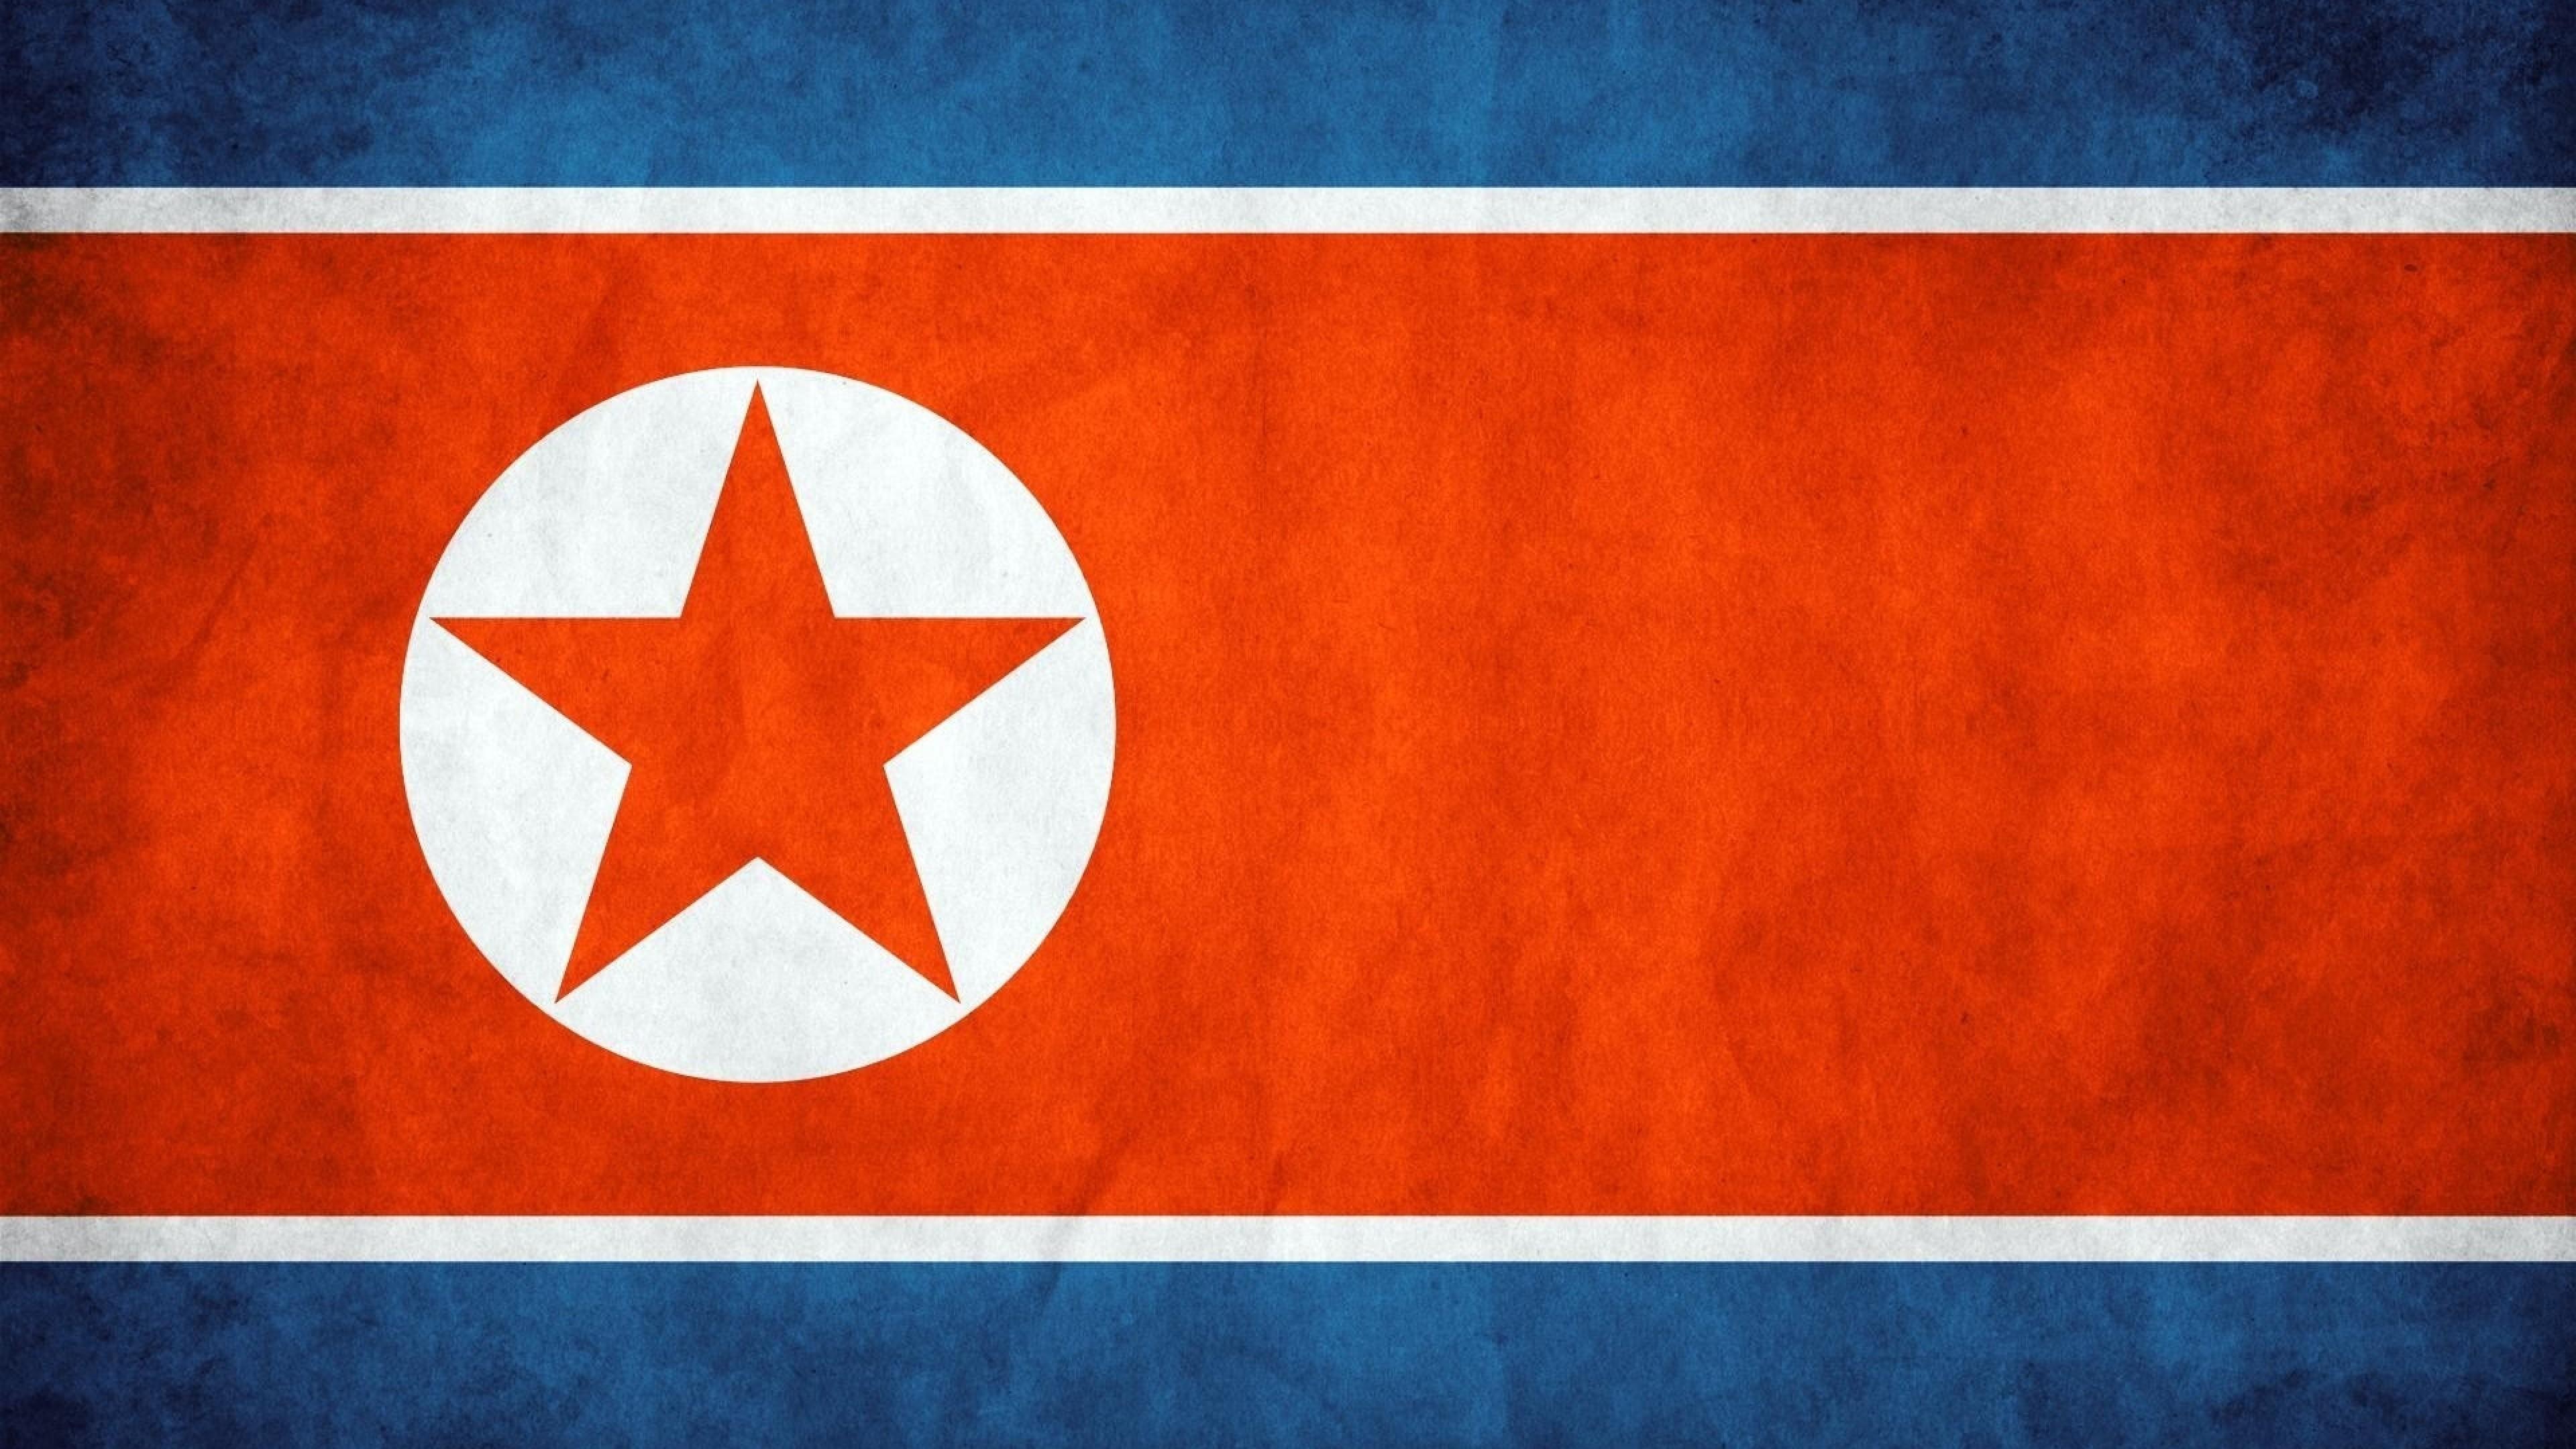 North Korea Wallpaper 75 Images